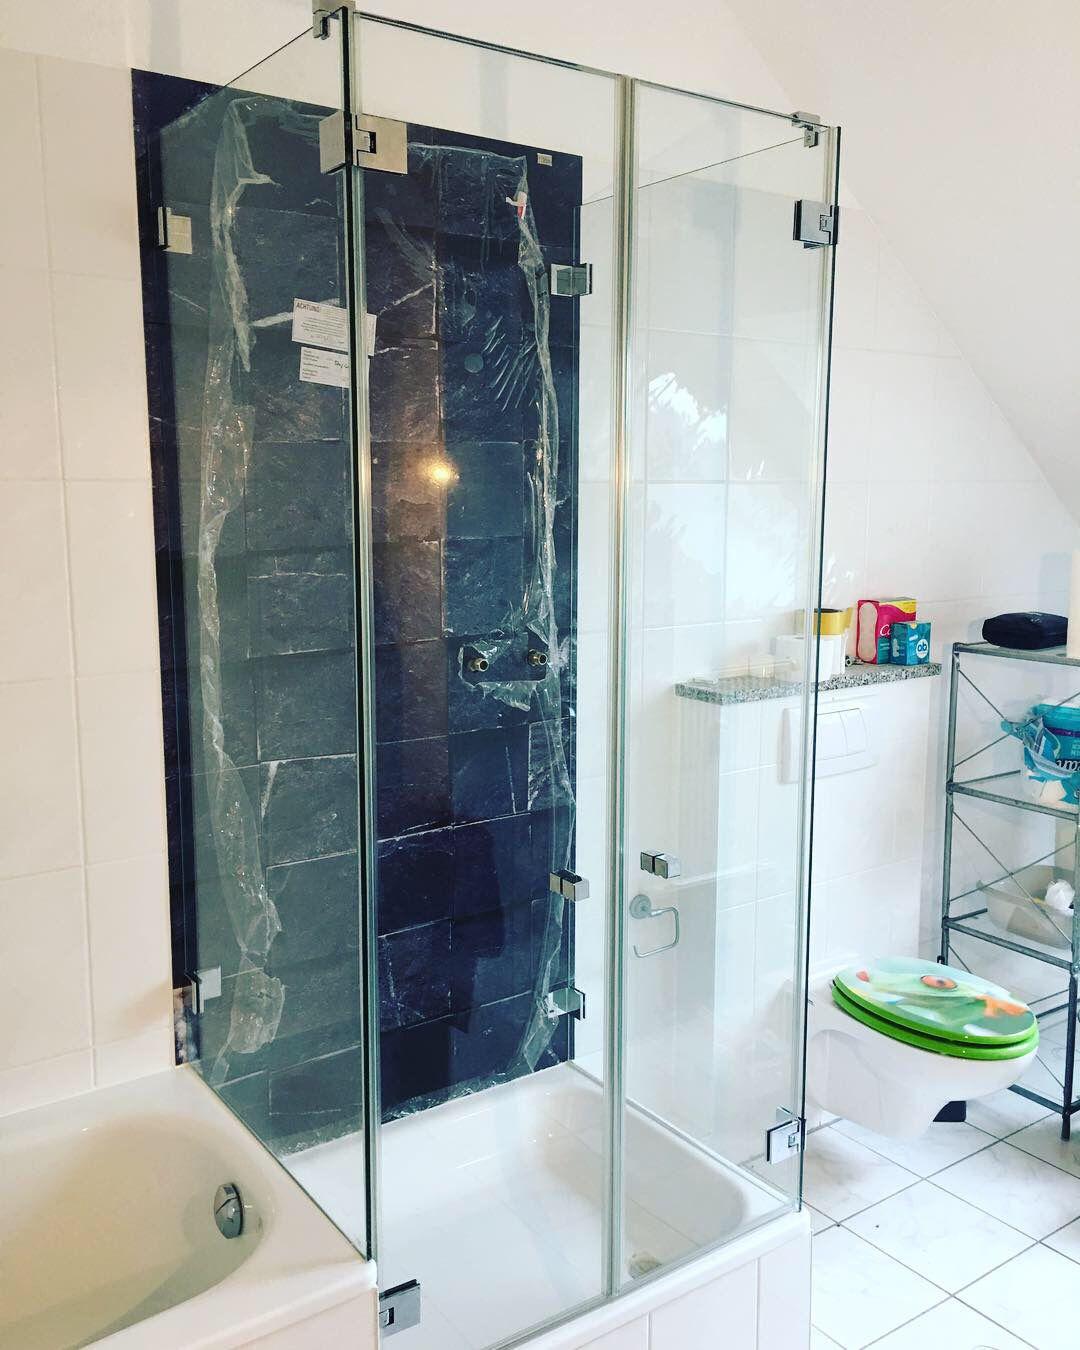 Glasfischenich Glaserei Glaser Meisterbetrieb Ganzglasduschen Shower Bathroom Bathroomideas Dusche Duschen Badezimmeride Dusche Badezimmerideen Glas